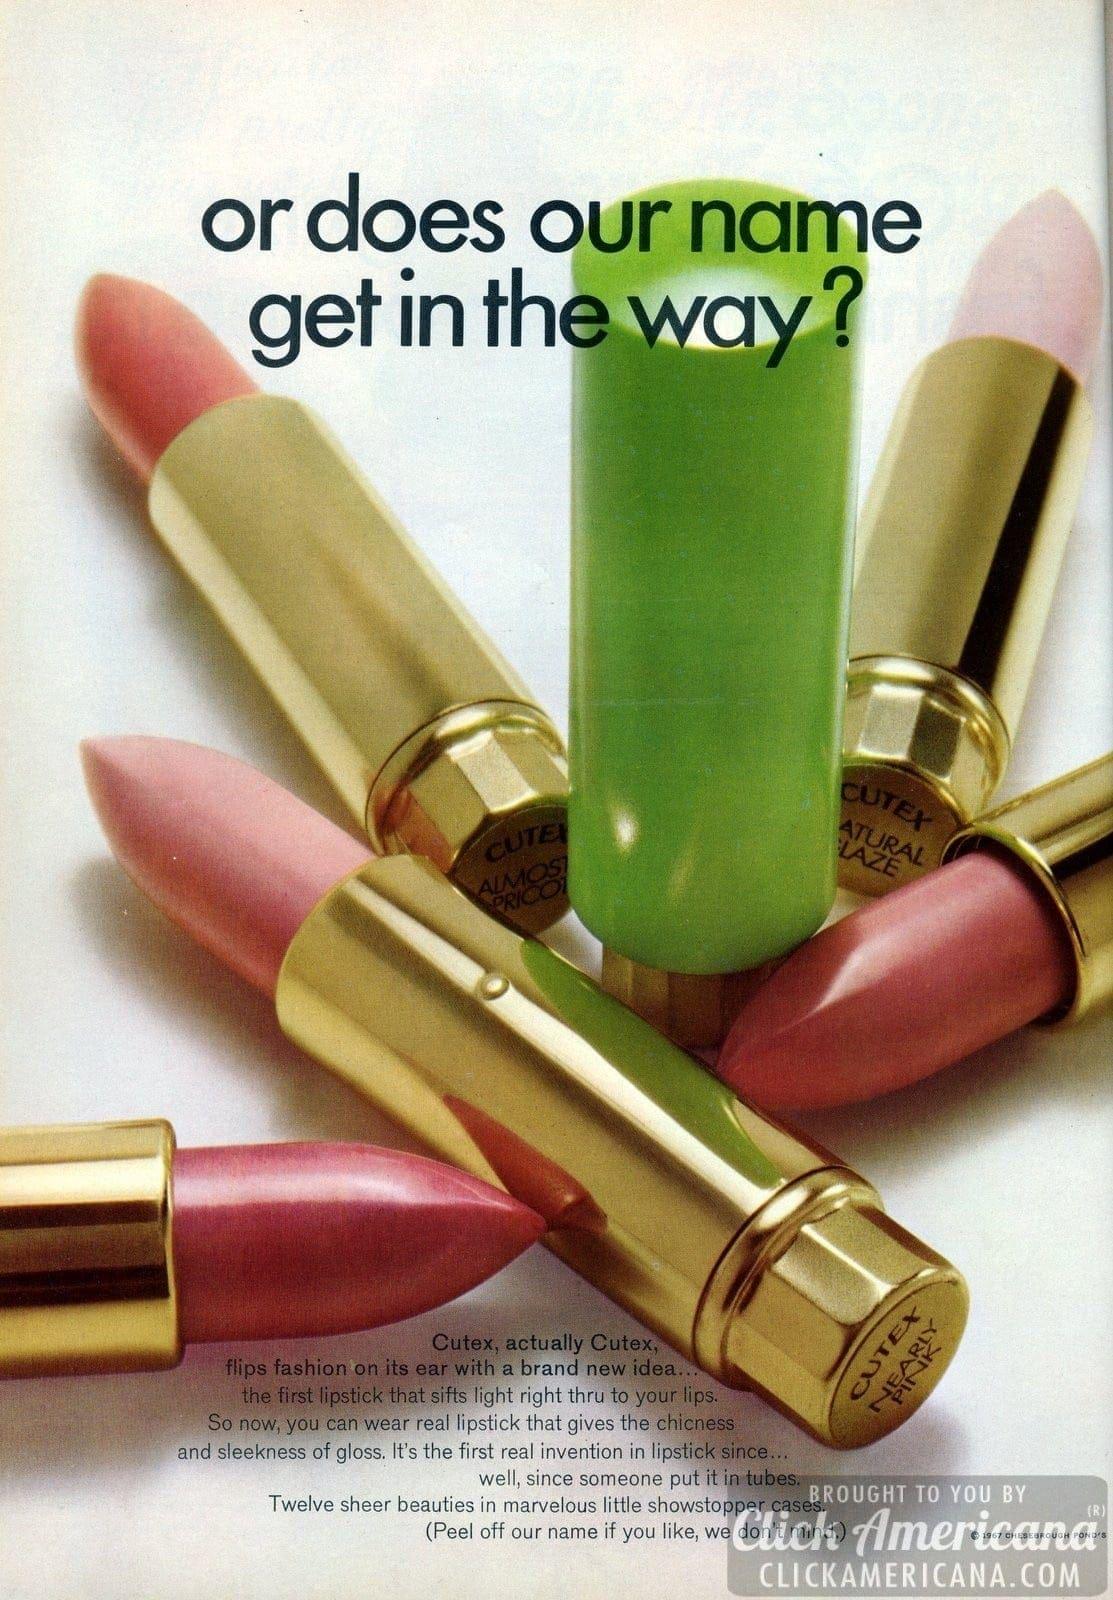 Cutex lipstick flips fashion on its ear (1967)